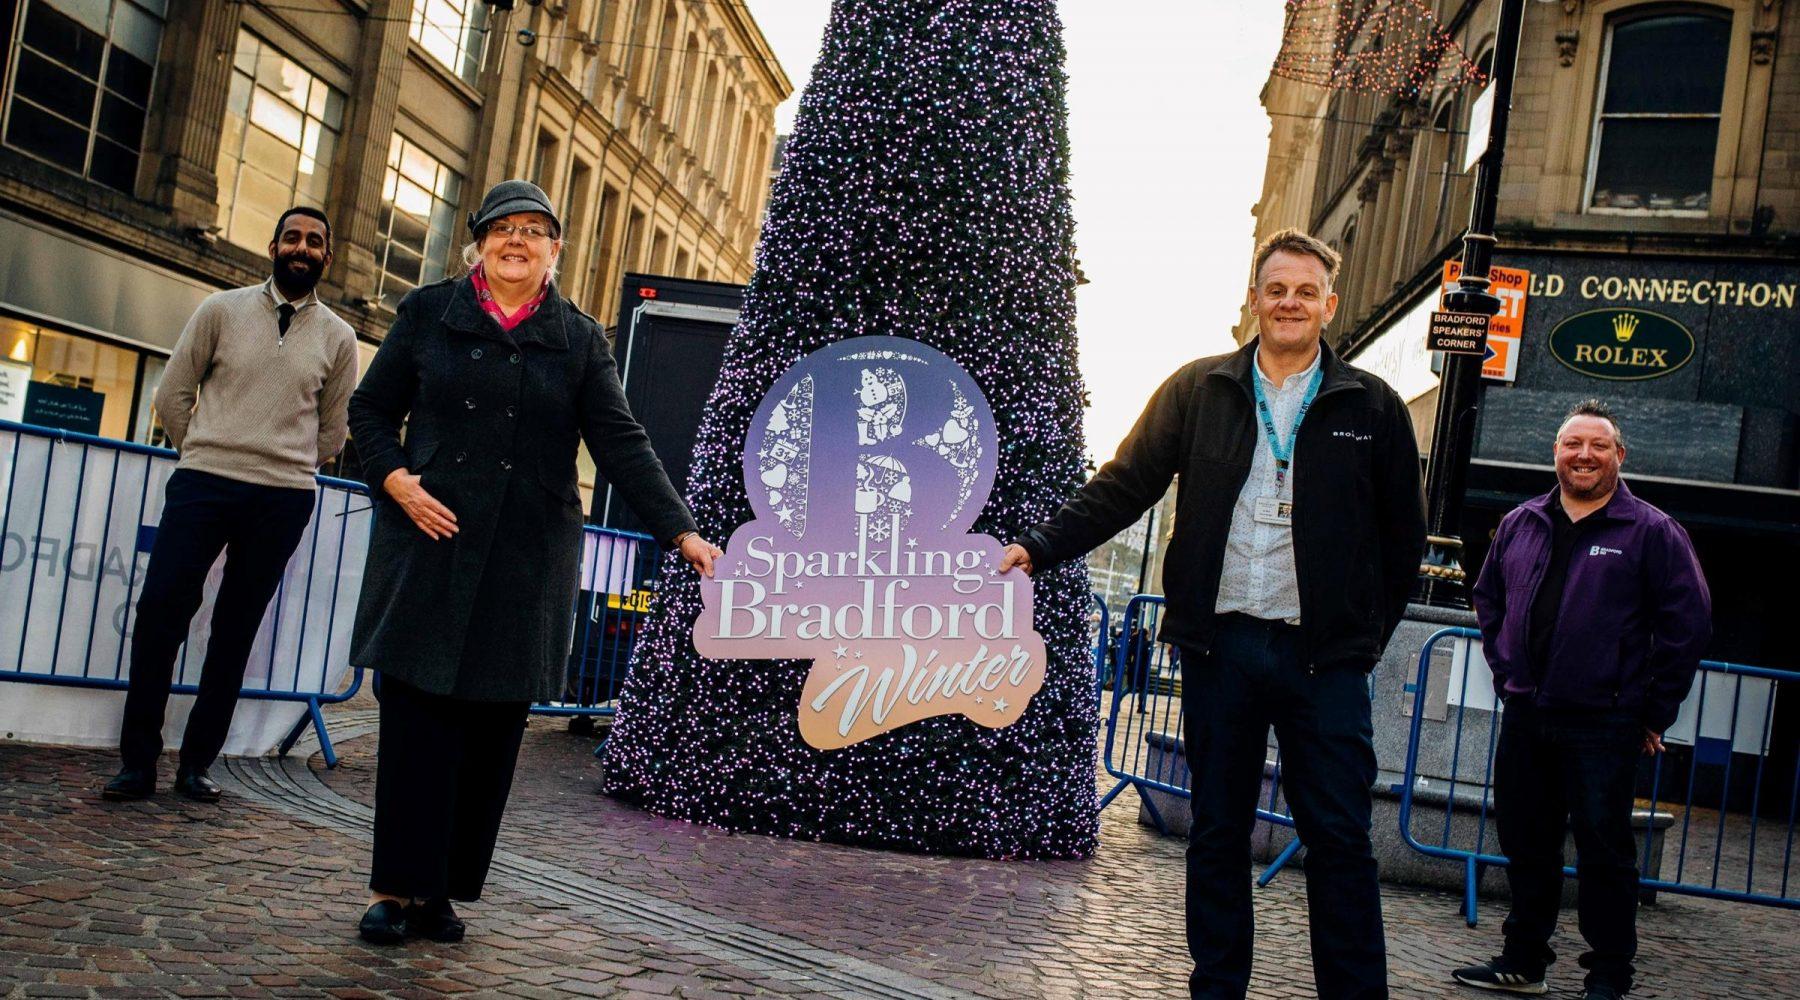 Winter campaign aims to celebrate success in Bradford